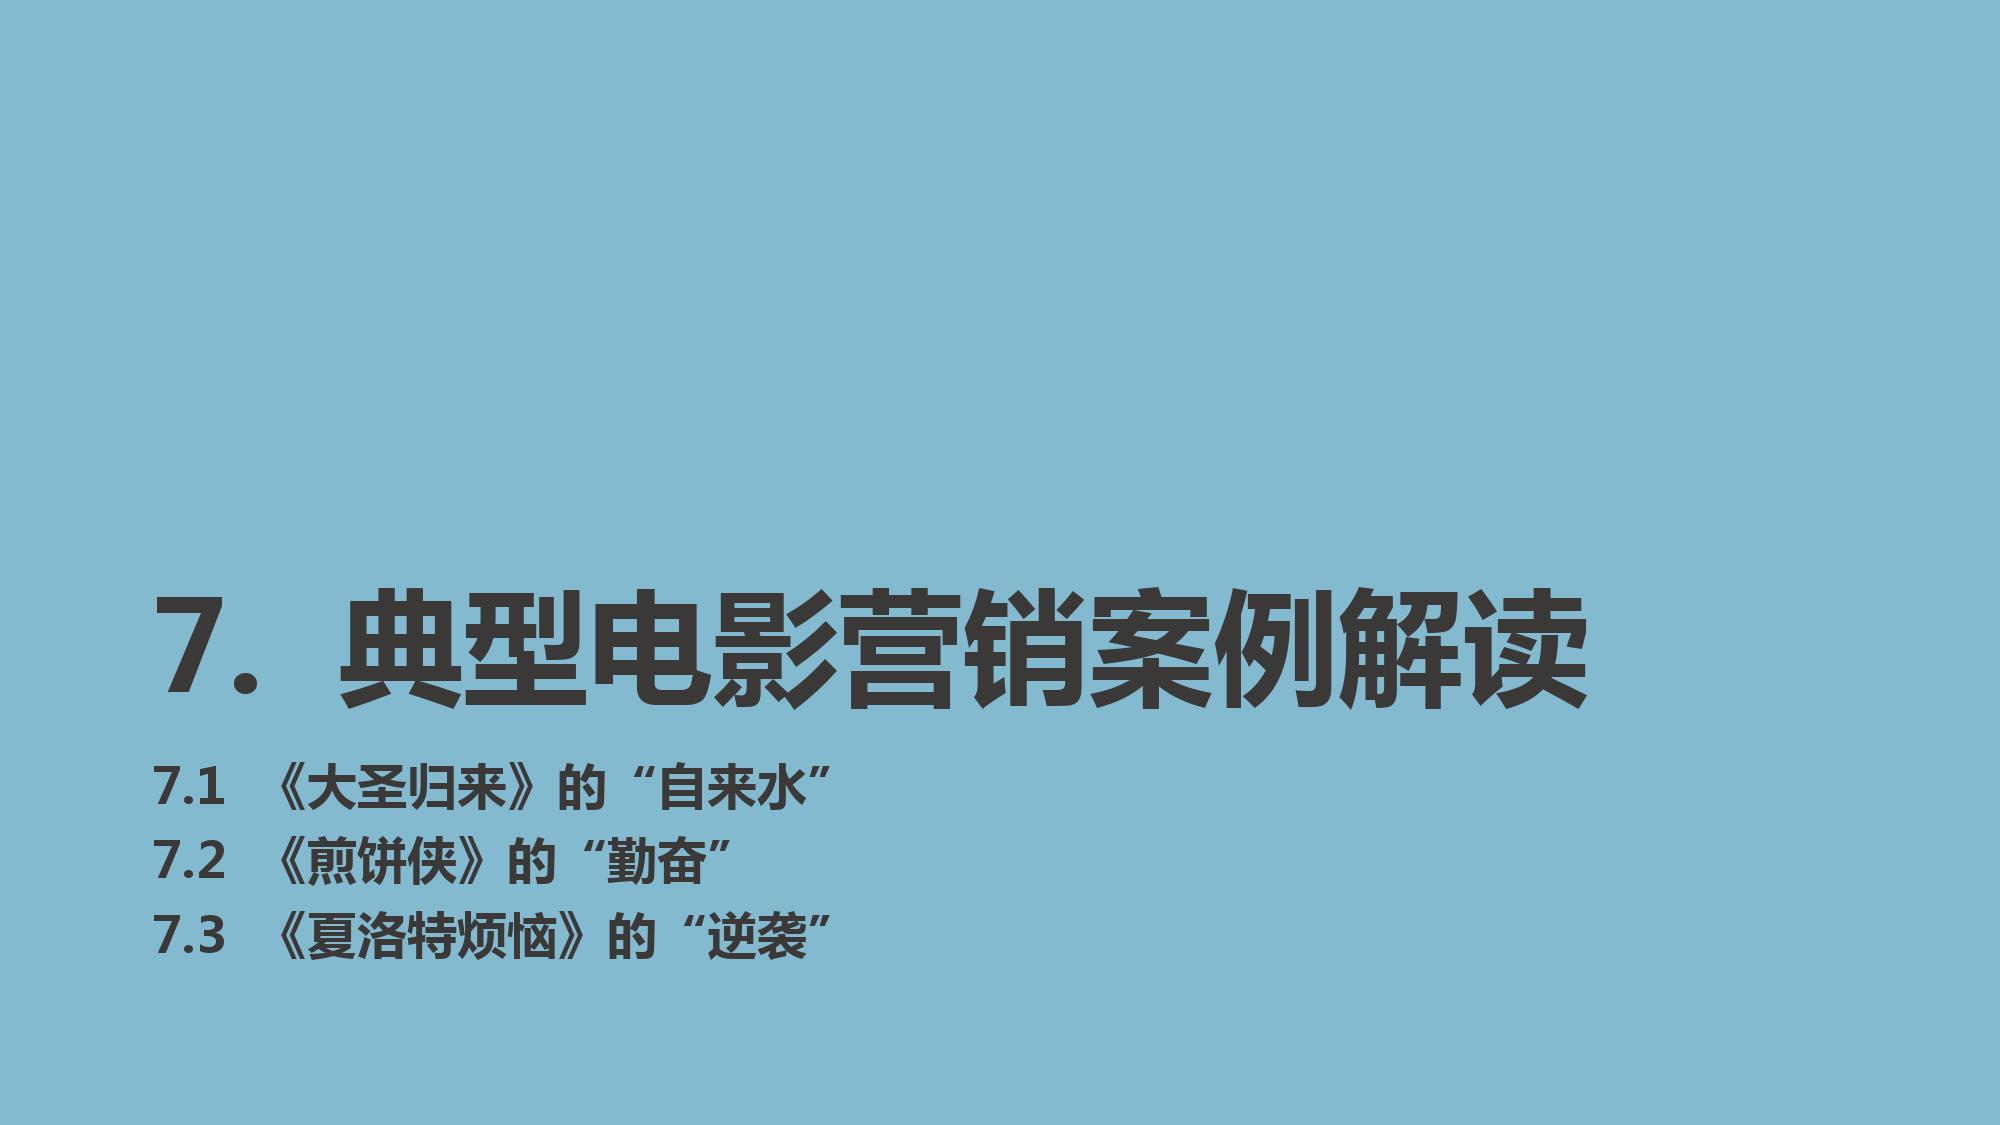 2015年度中国电影产业报告_000082